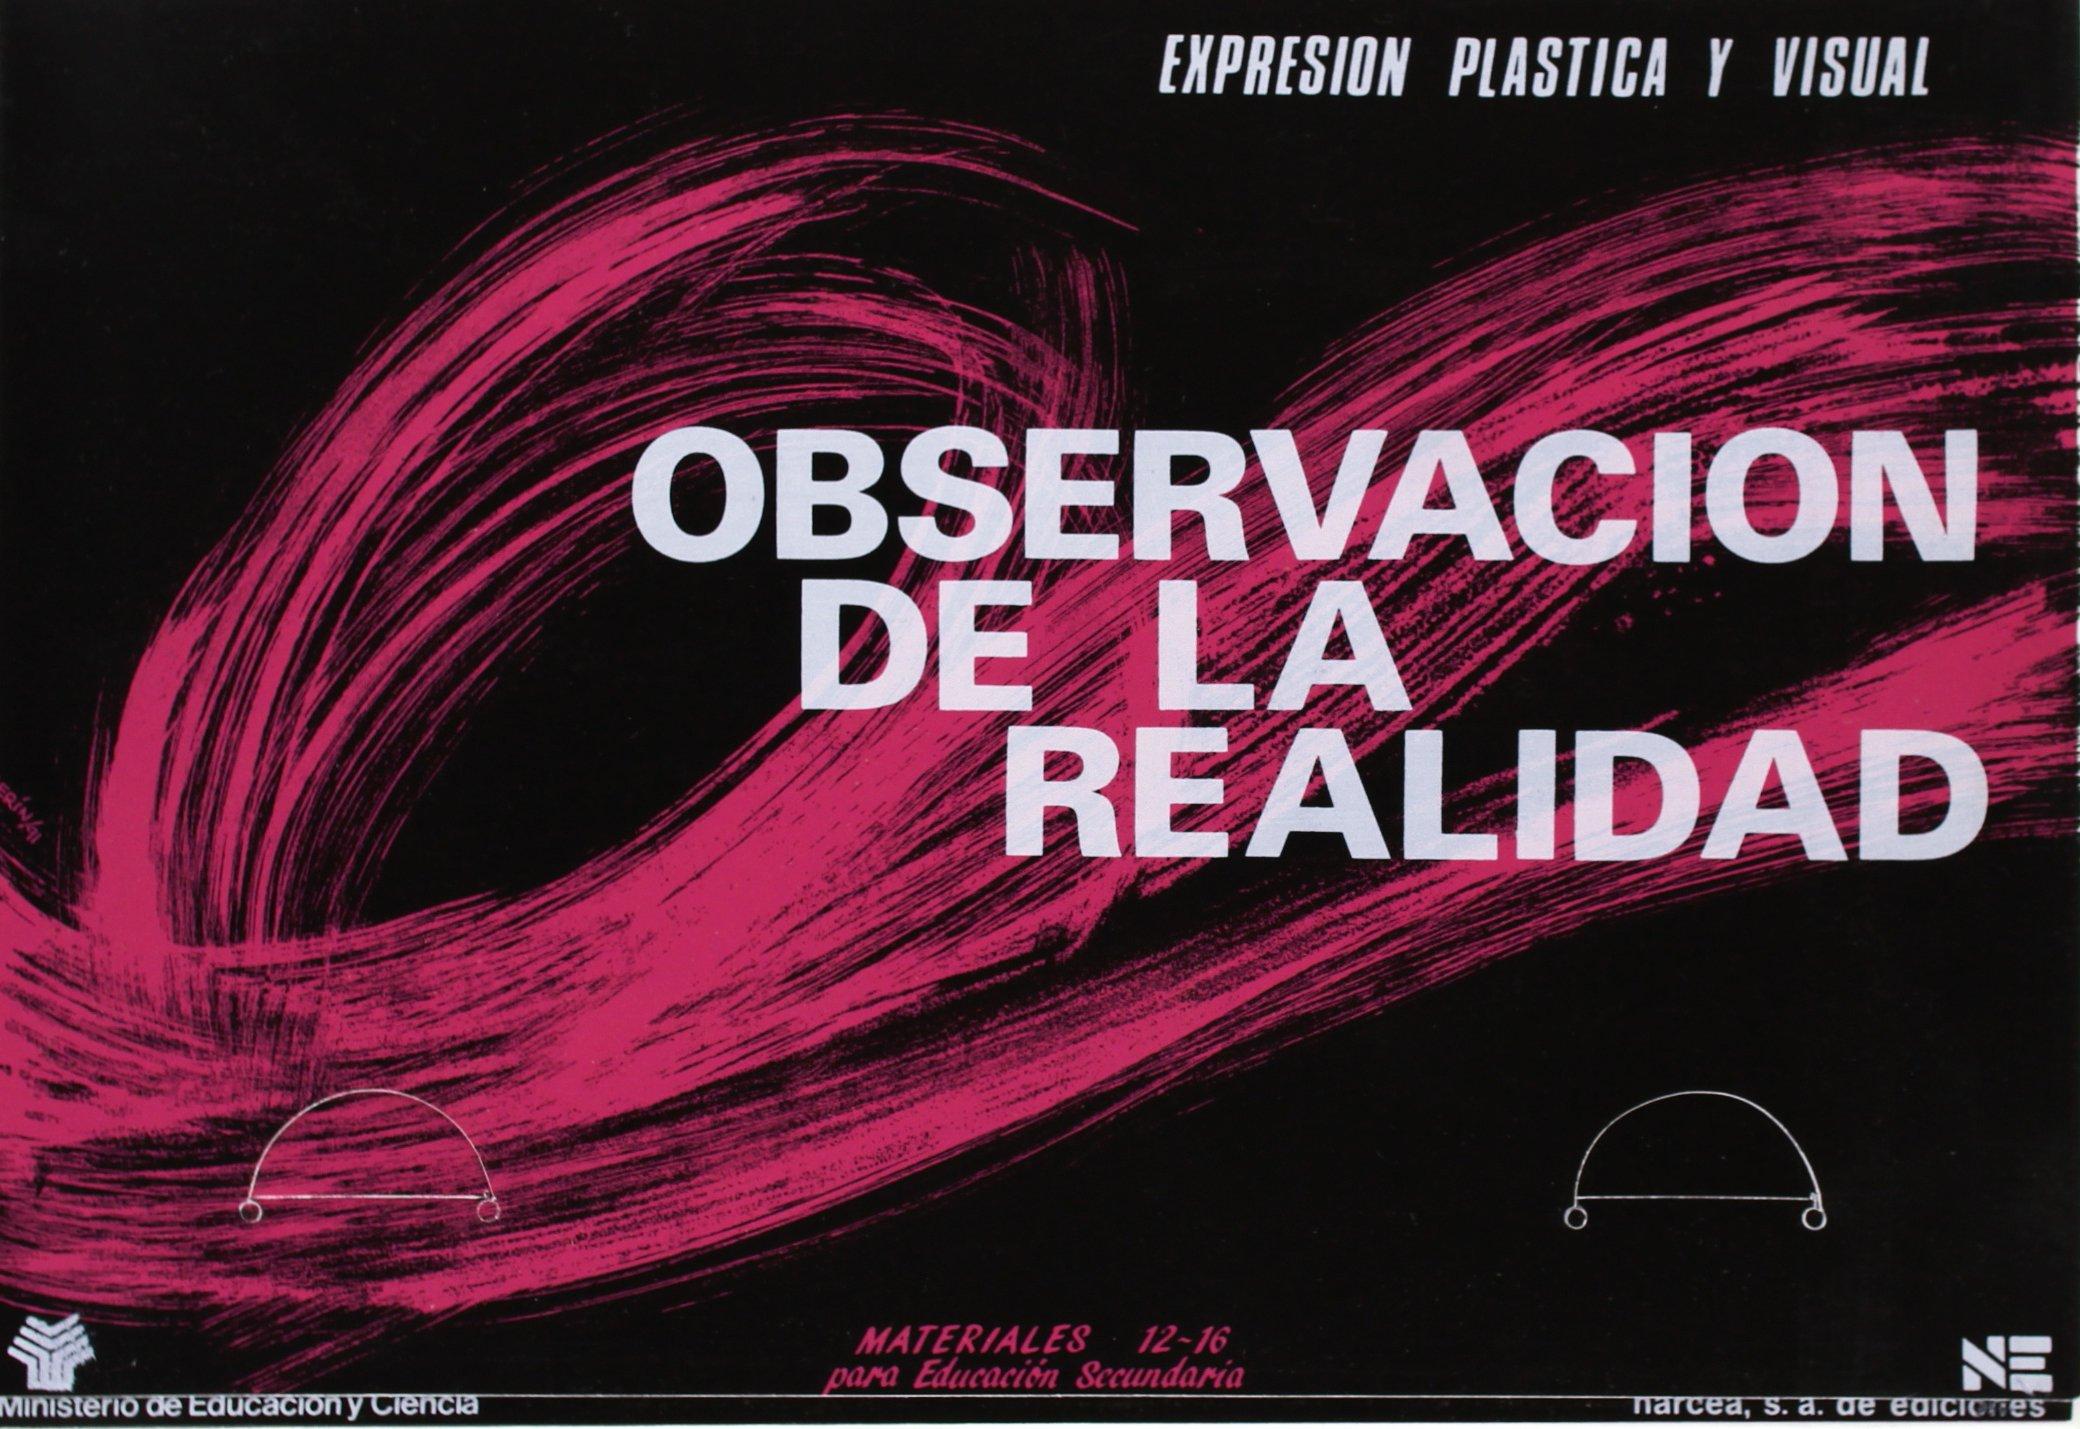 Observación de la realidad. Expresión plástica y visual Materiales 12-16 para Educación Secundaria: Amazon.es: Isabel Merodio, Isabel Caride, María Ángeles ...